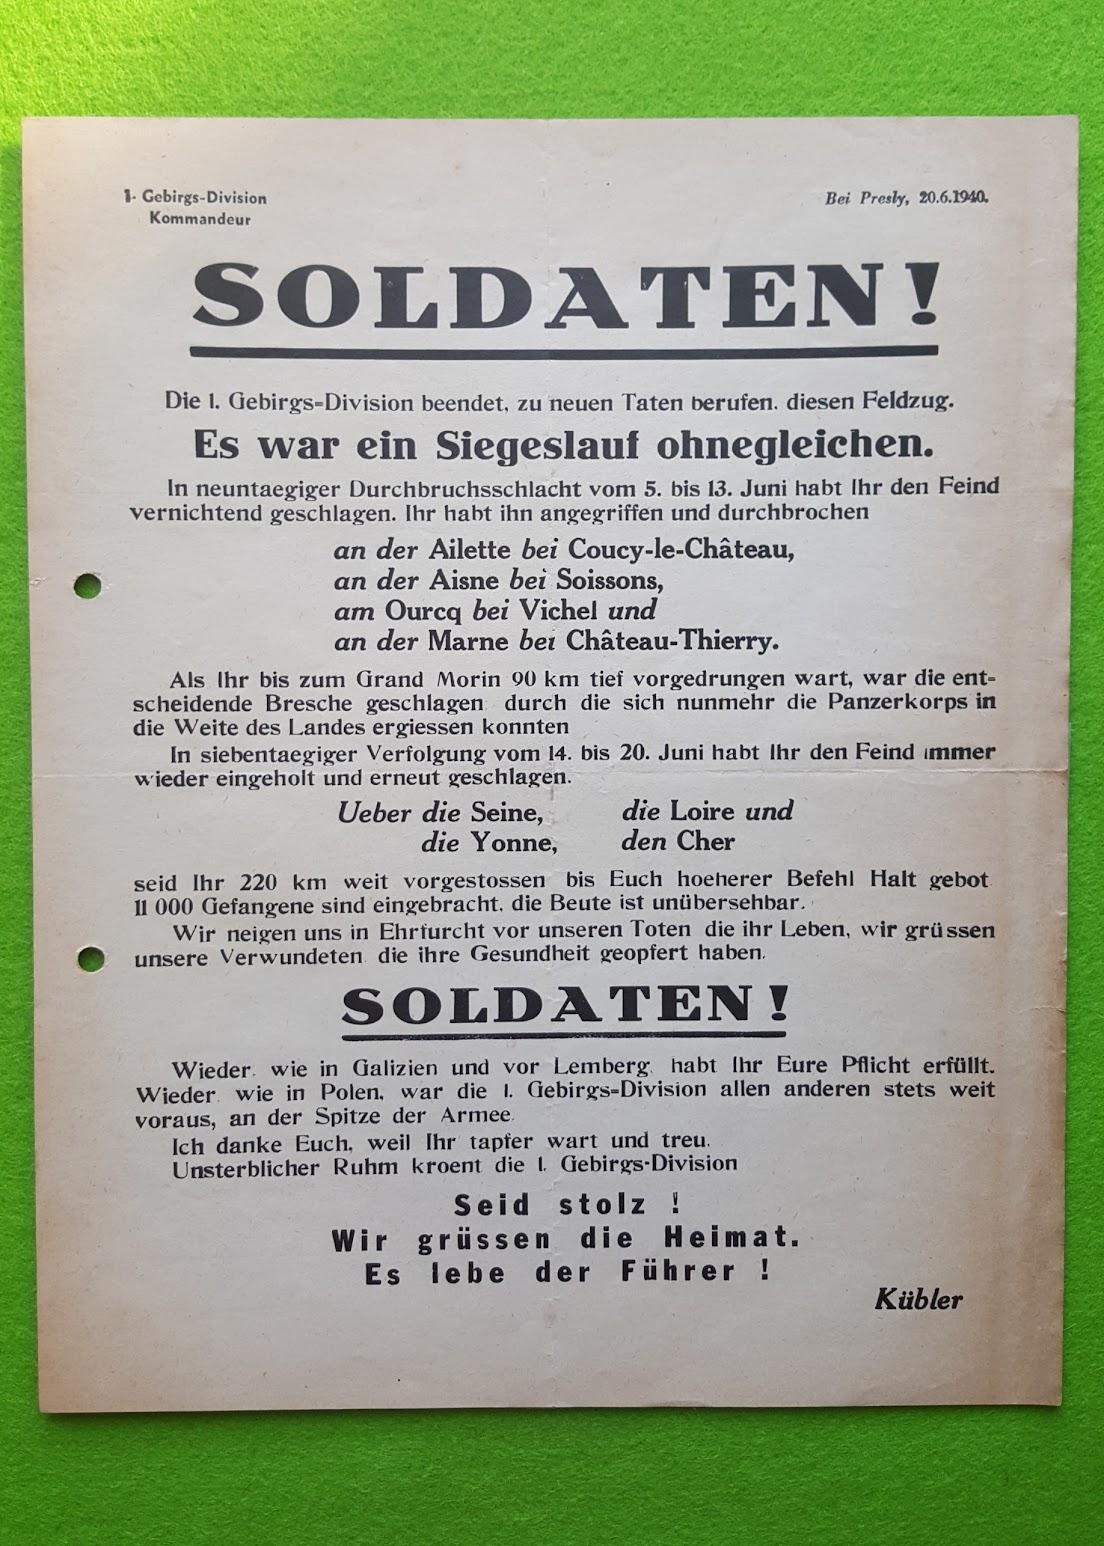 Flugblatt der Deutschen Wehrmacht - 20.6.1940